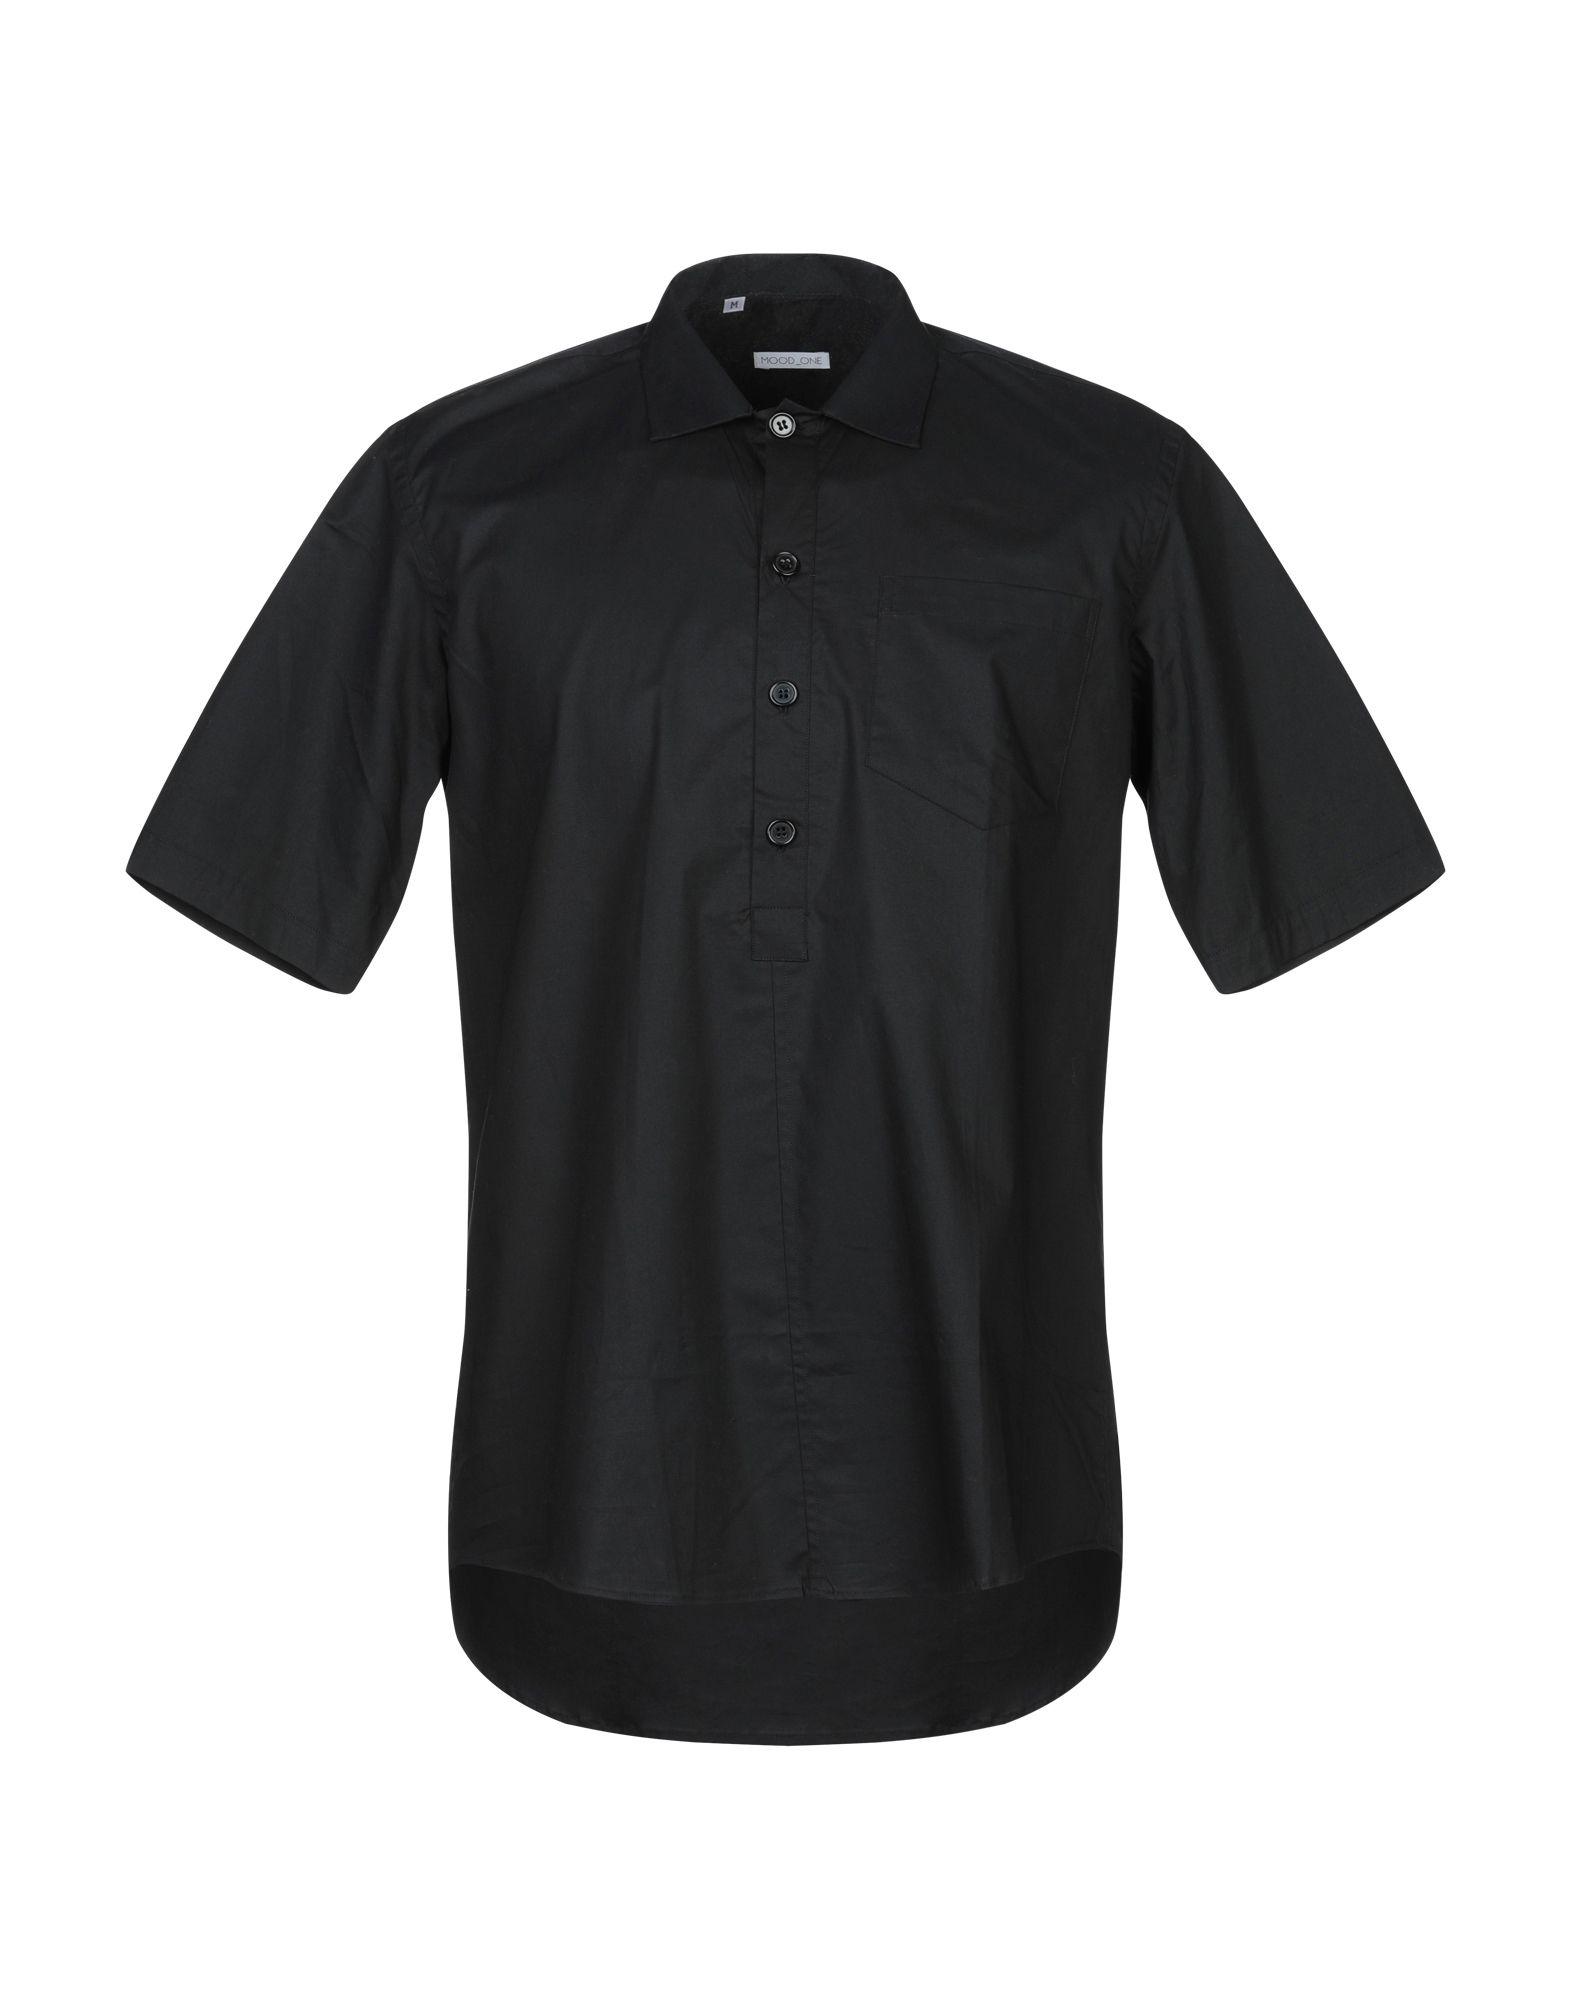 《セール開催中》MOOD_ONE メンズ シャツ ブラック M コットン 70% / ナイロン 27% / ポリウレタン 3%